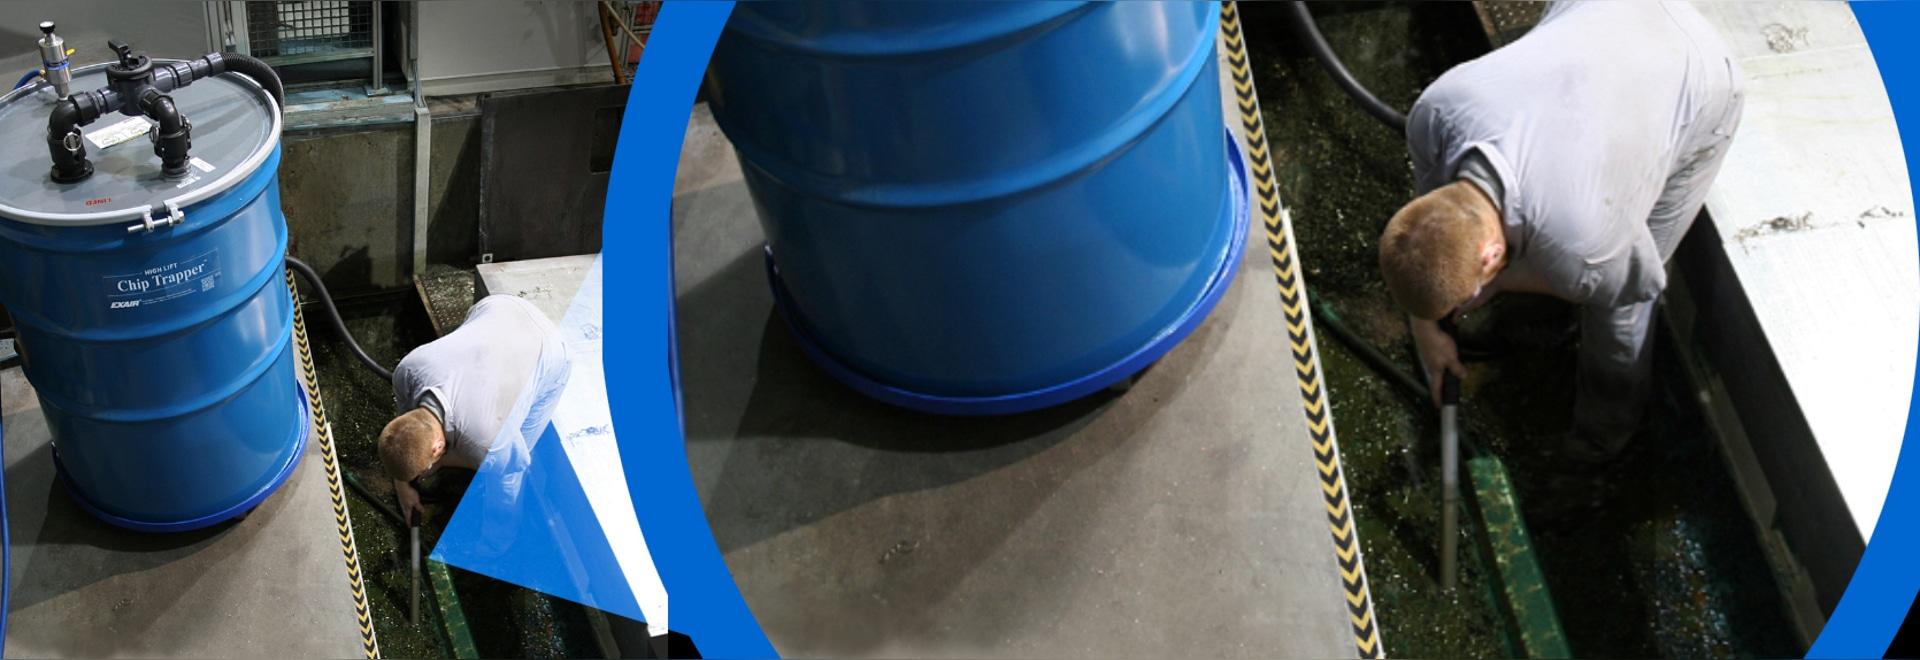 Alta elevación Chip Trapper Moves Liquid Farther y más alto